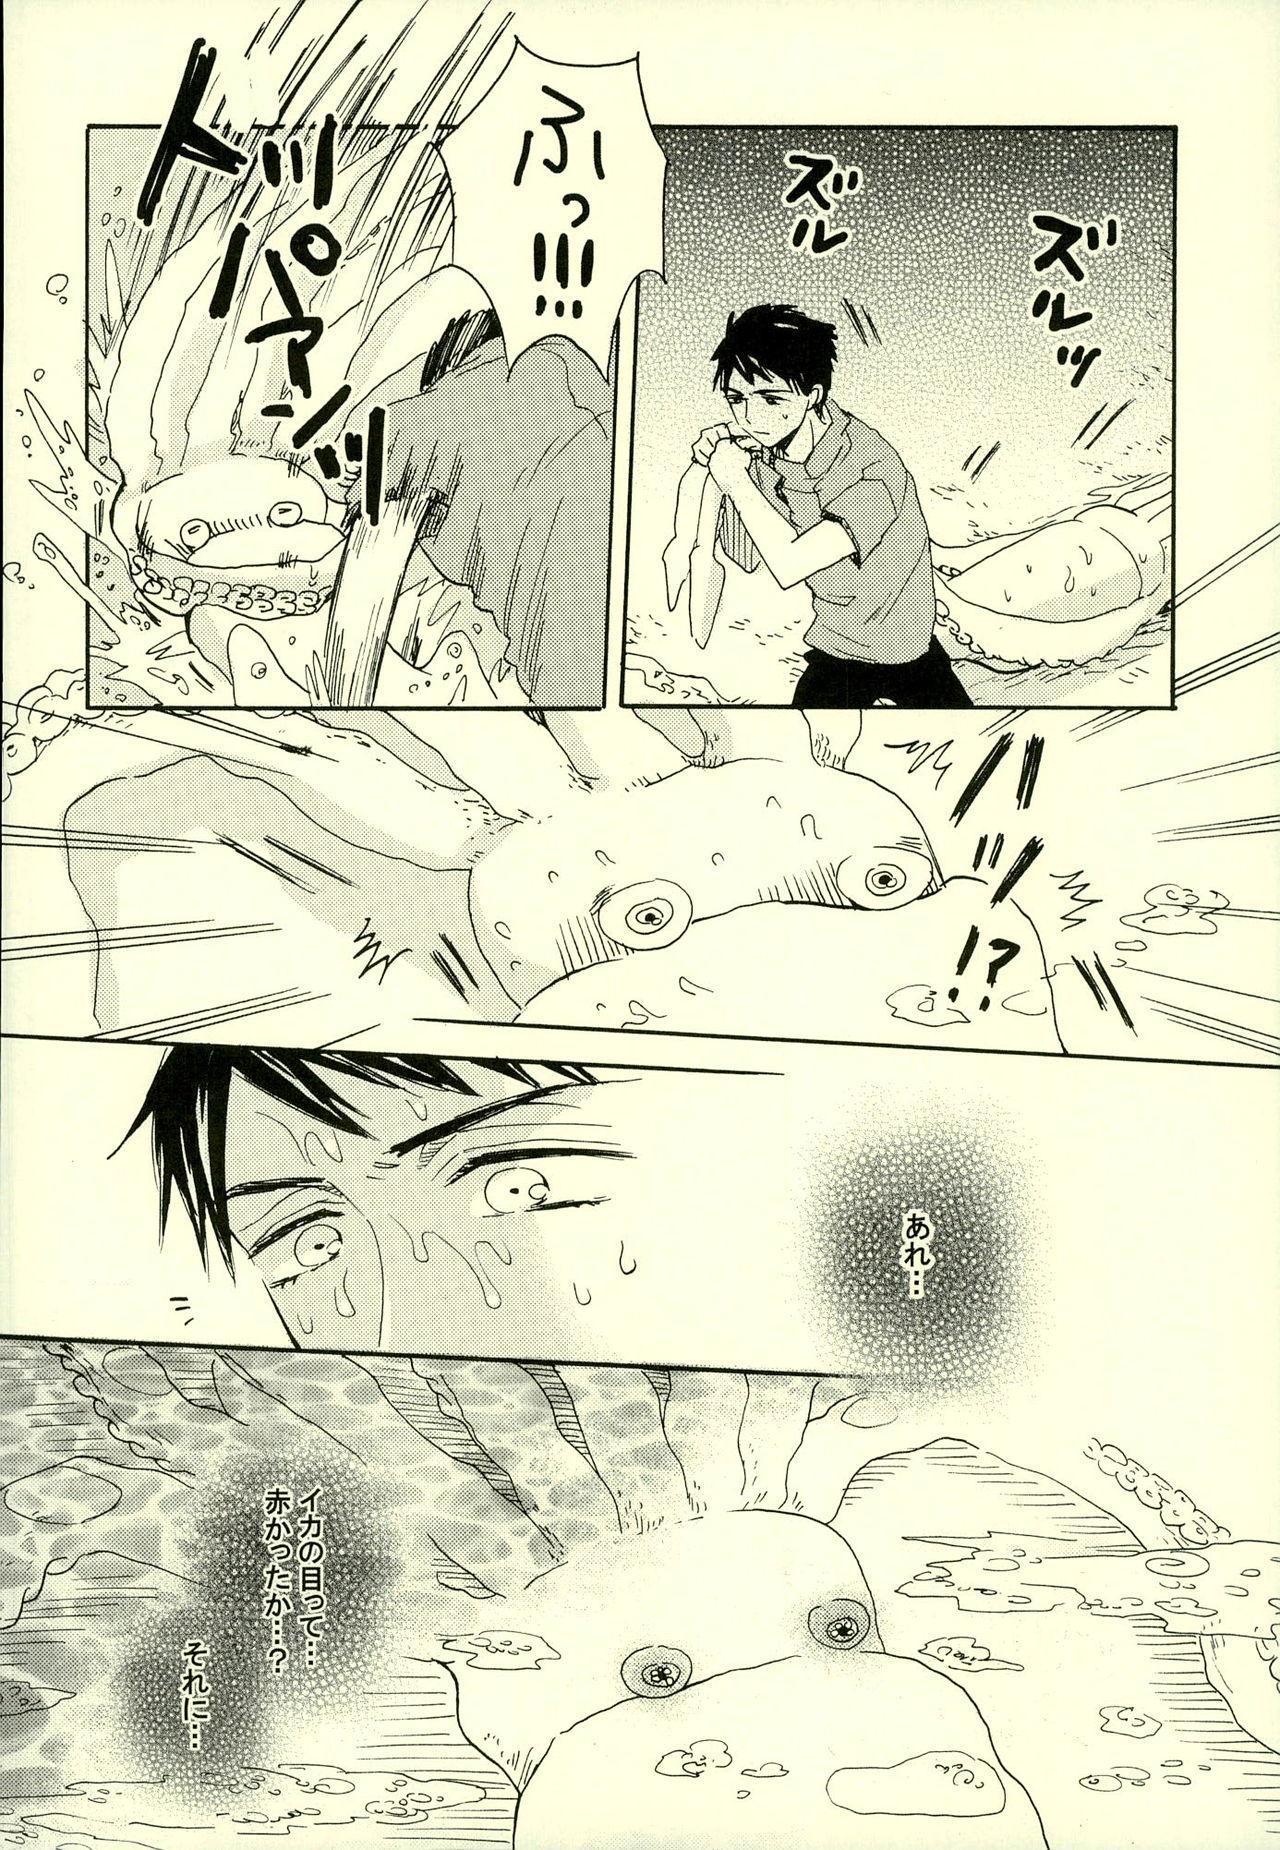 (SUPERKansai20) [hn (Pirori)] Sou-chan Jana-ika!? (Free!) 4